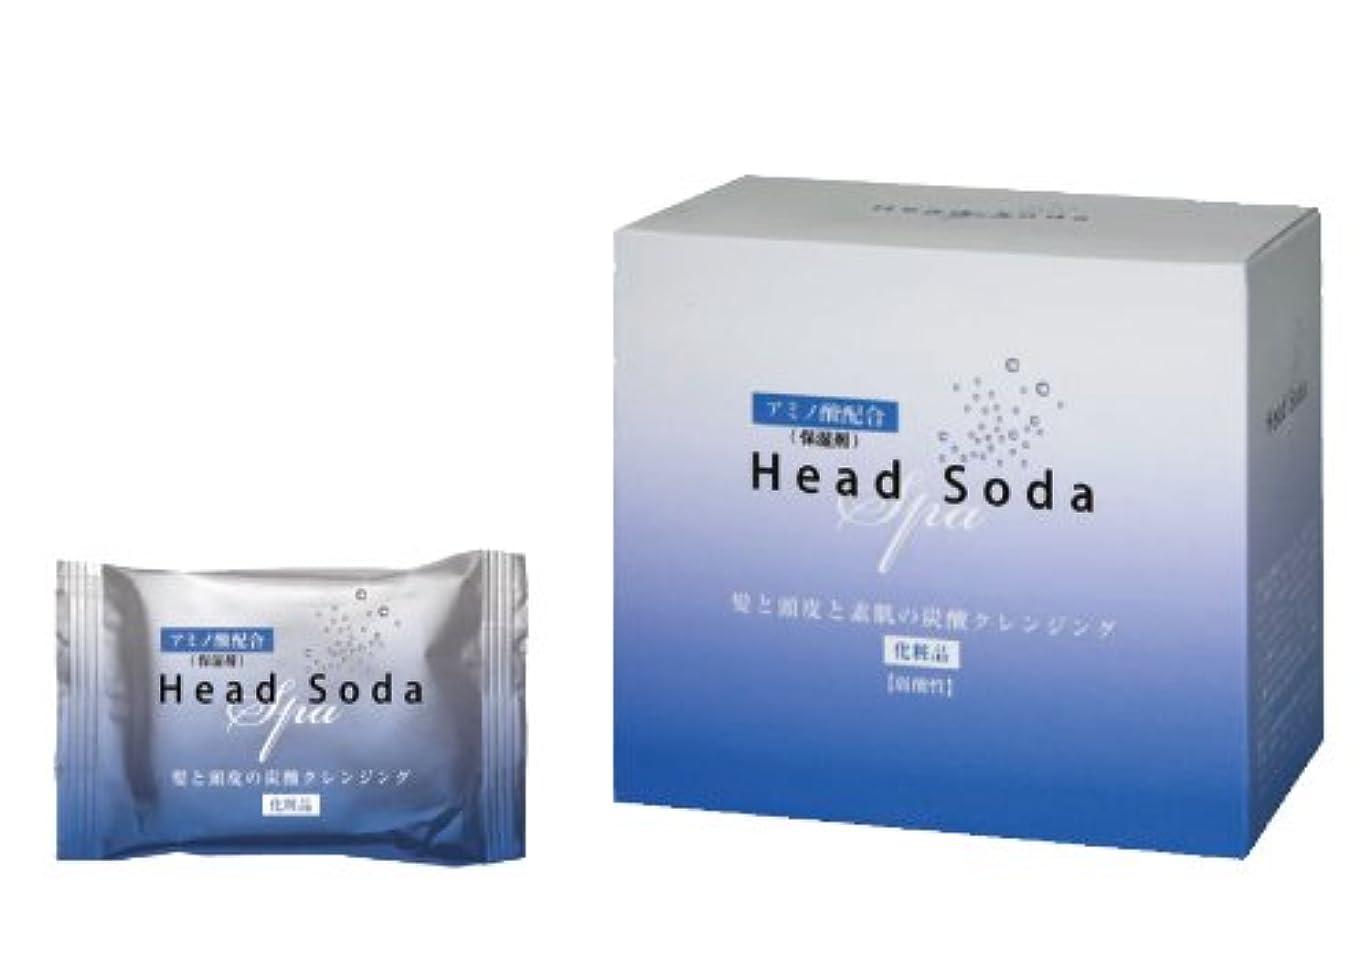 作動する同様の相対的ビューティーReセット HeadSoda 30g×20錠入